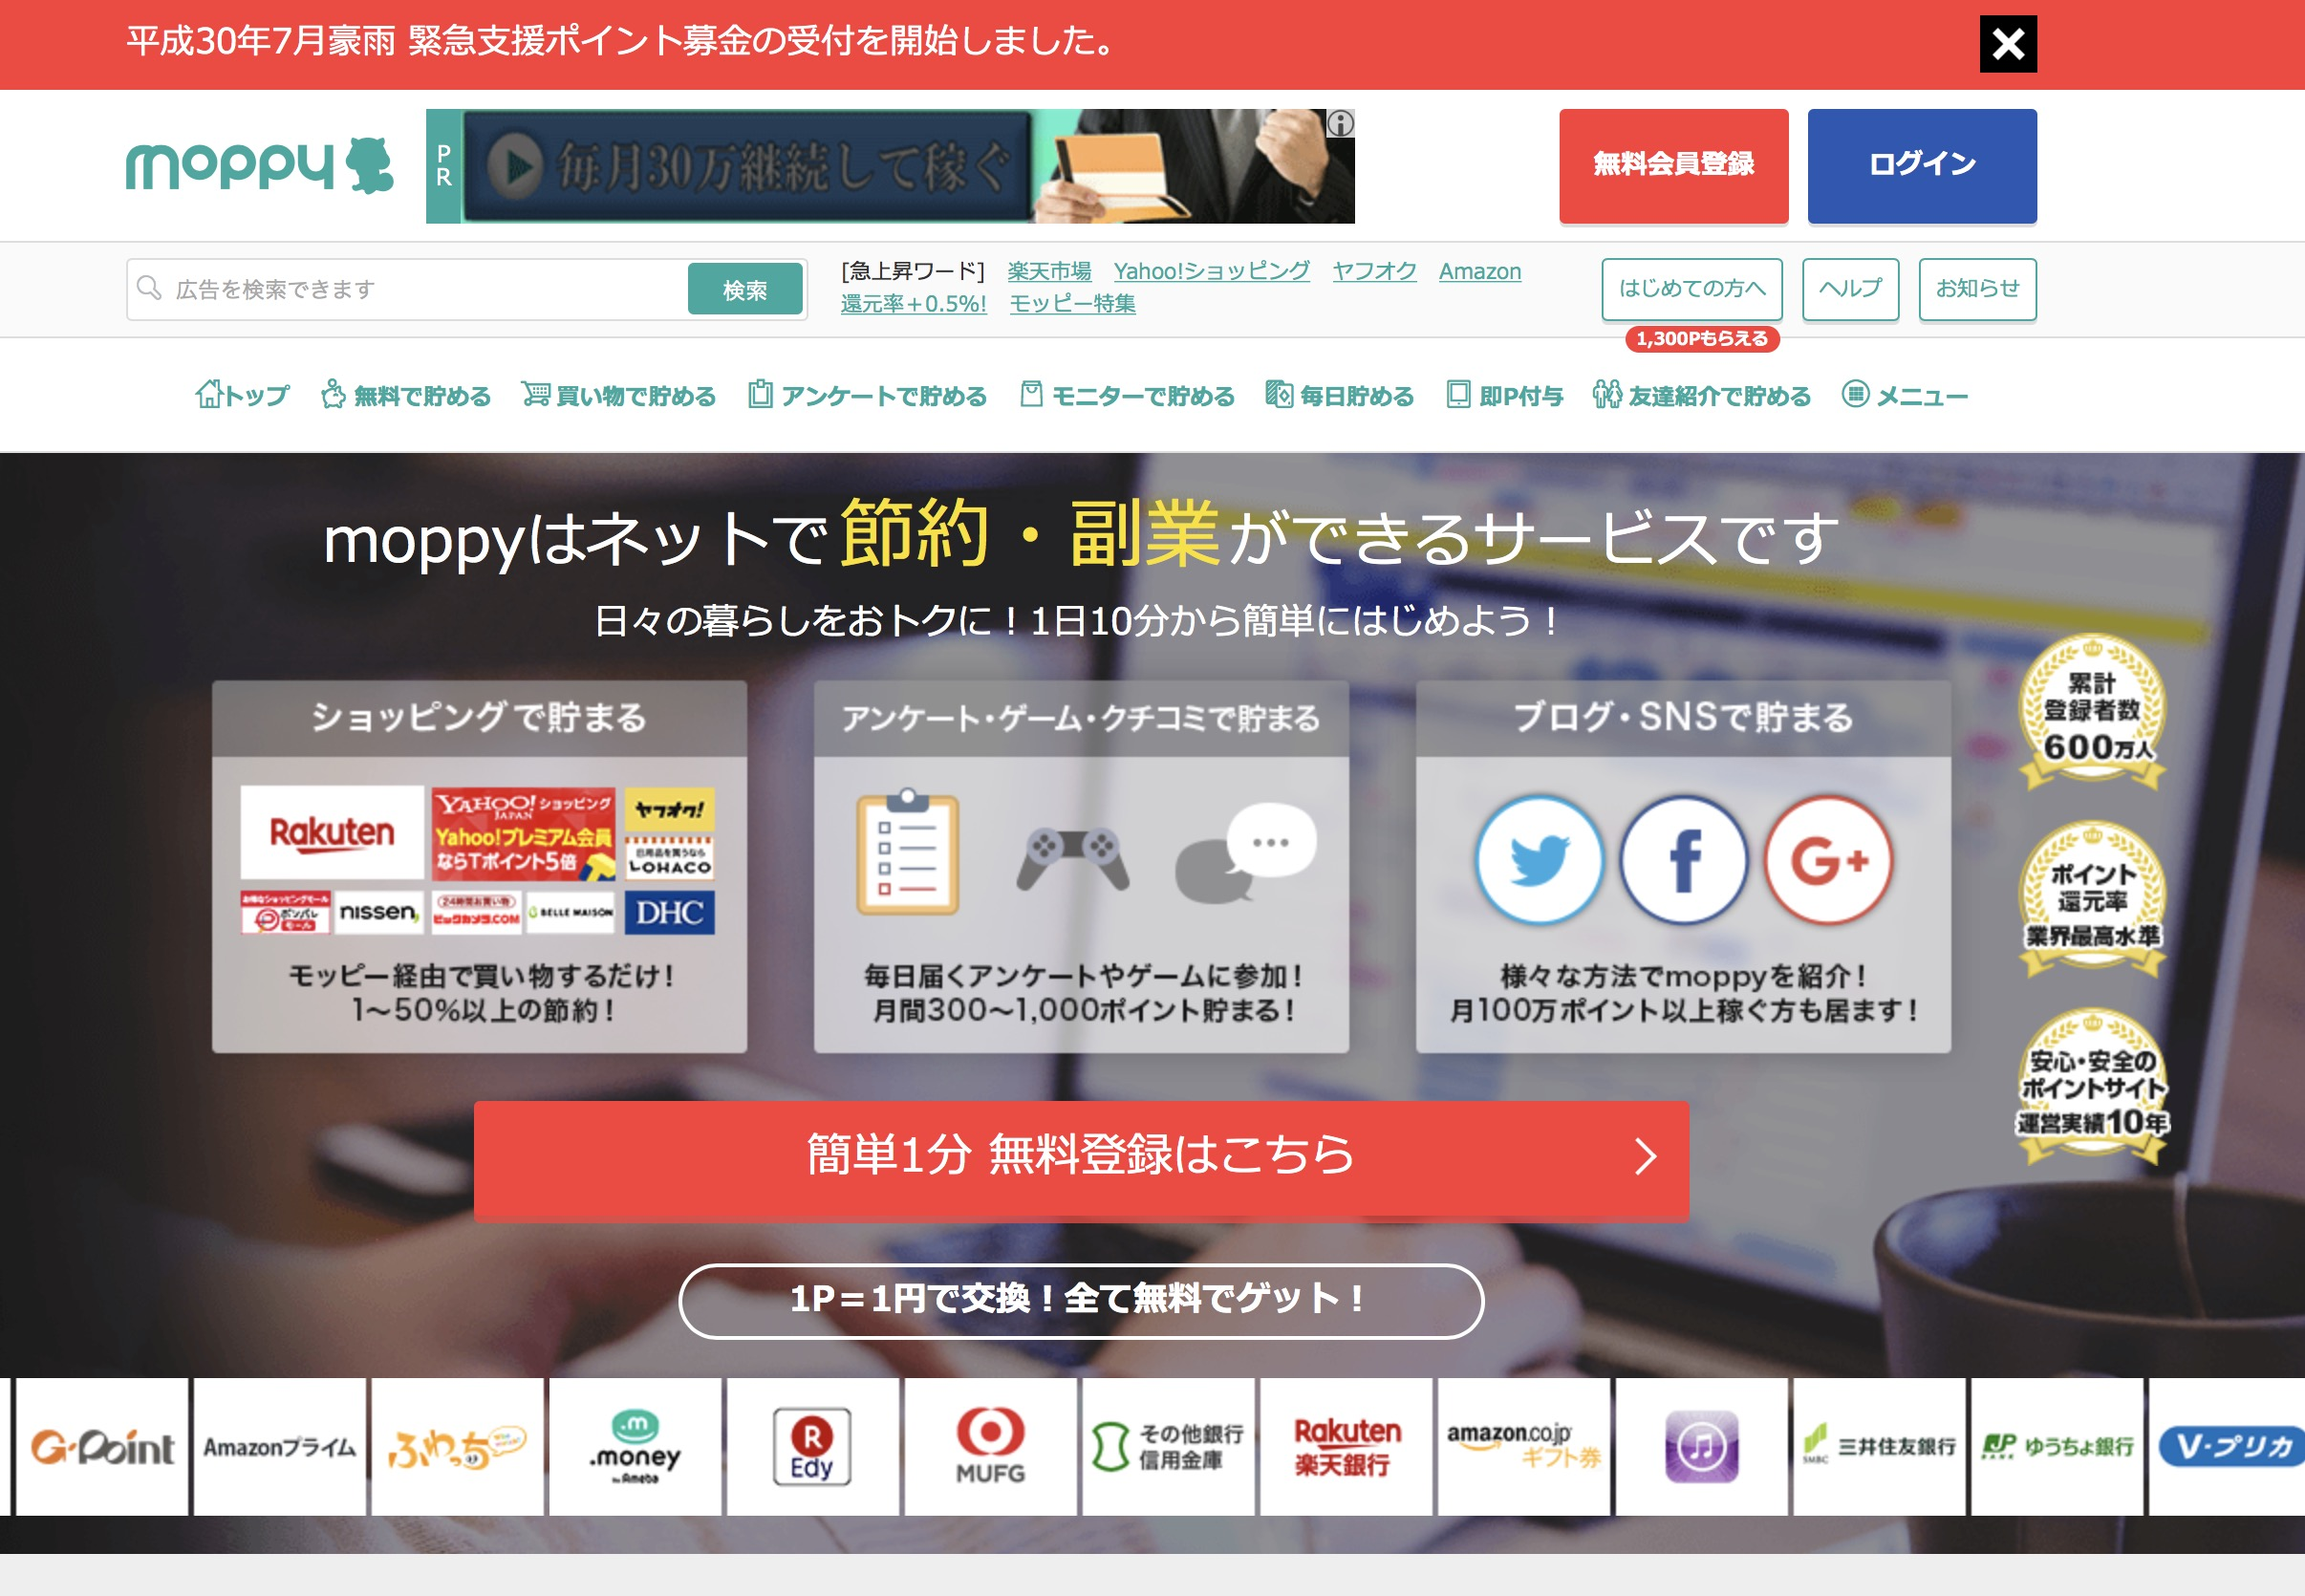 お金を作る方法⑦ 2〜3時間で1万円!ポイントサイトでお金を作る